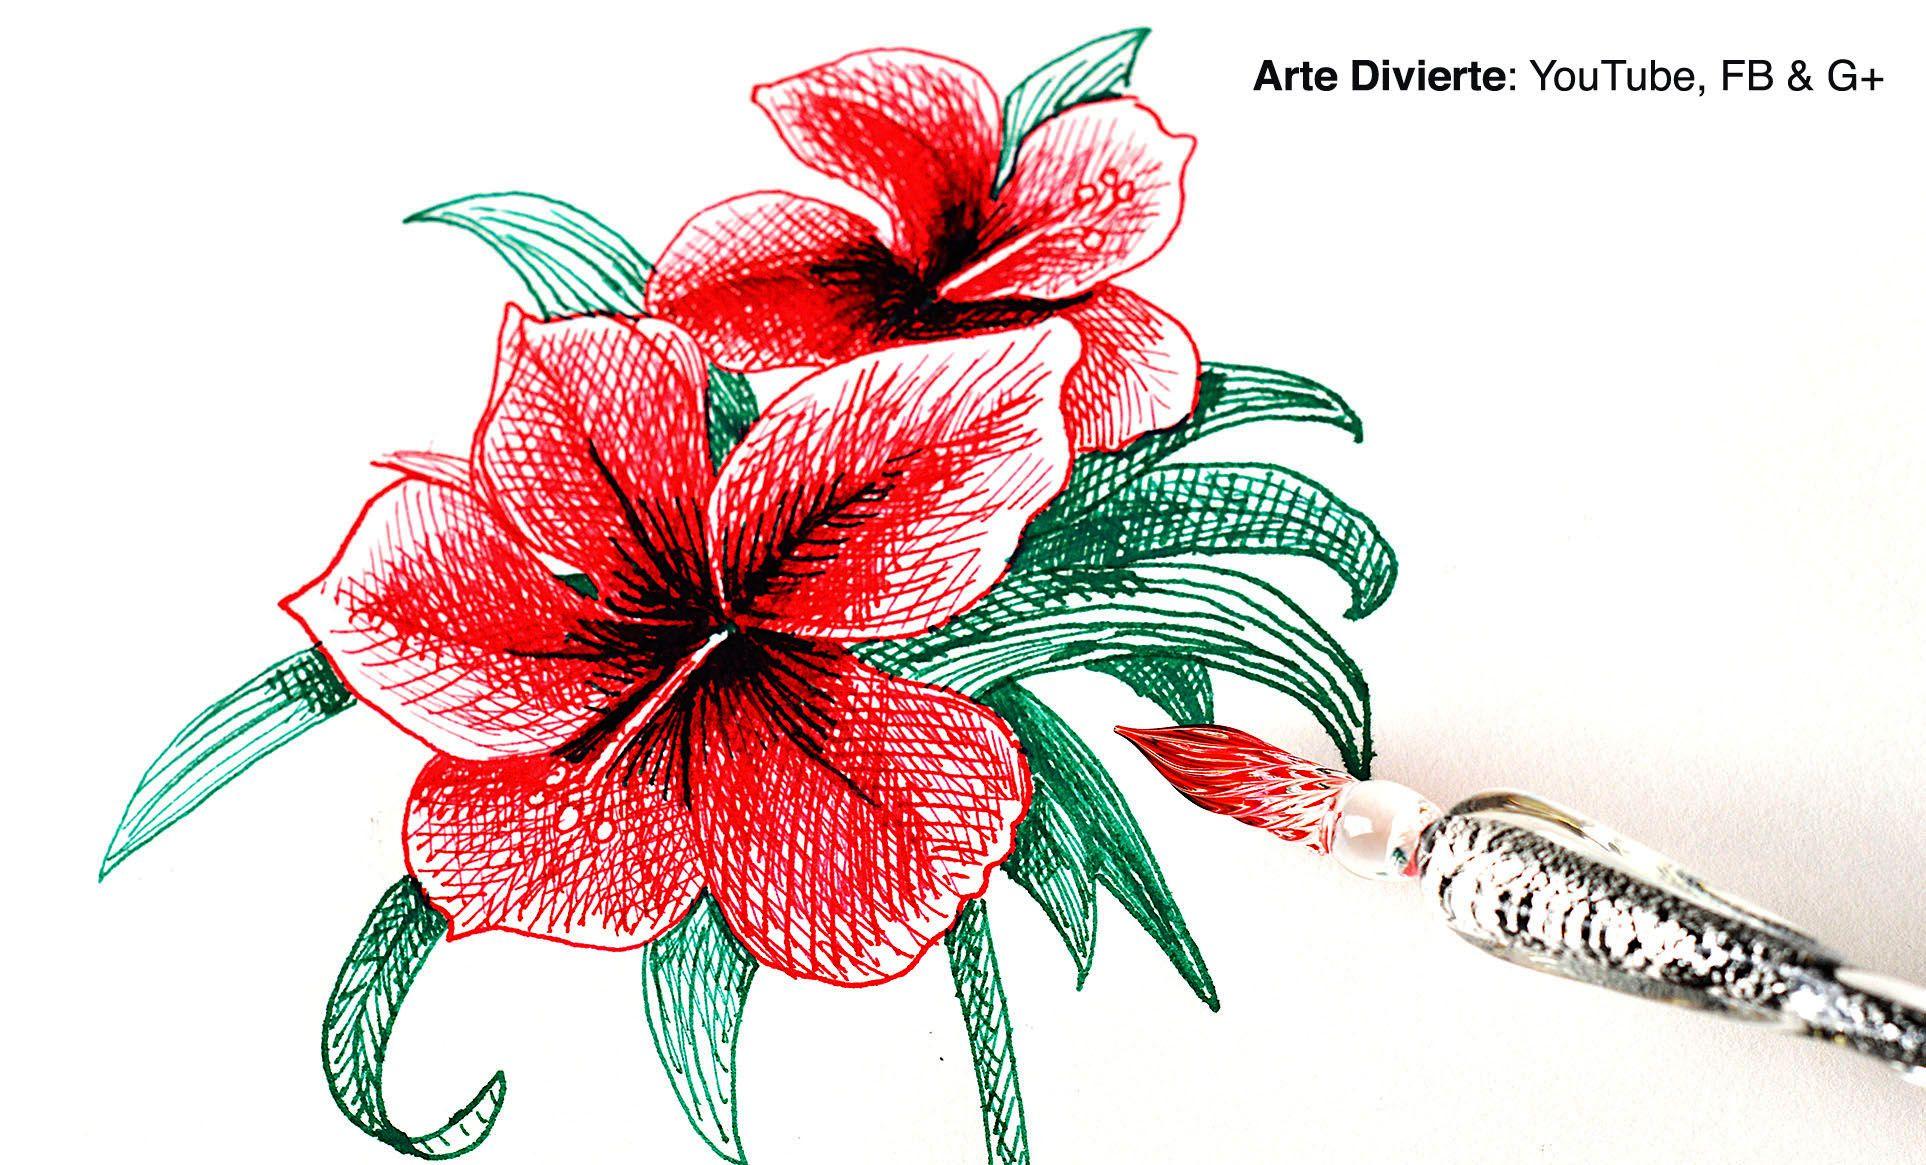 Como Usar Una Pluma De Vidrio Y Como Dibujar Una Flor De La India Arte Dibujo Artedivierte Flordelaindia Hibisc Hibiscus Drawing Ink Pen Drawings Dip Pen